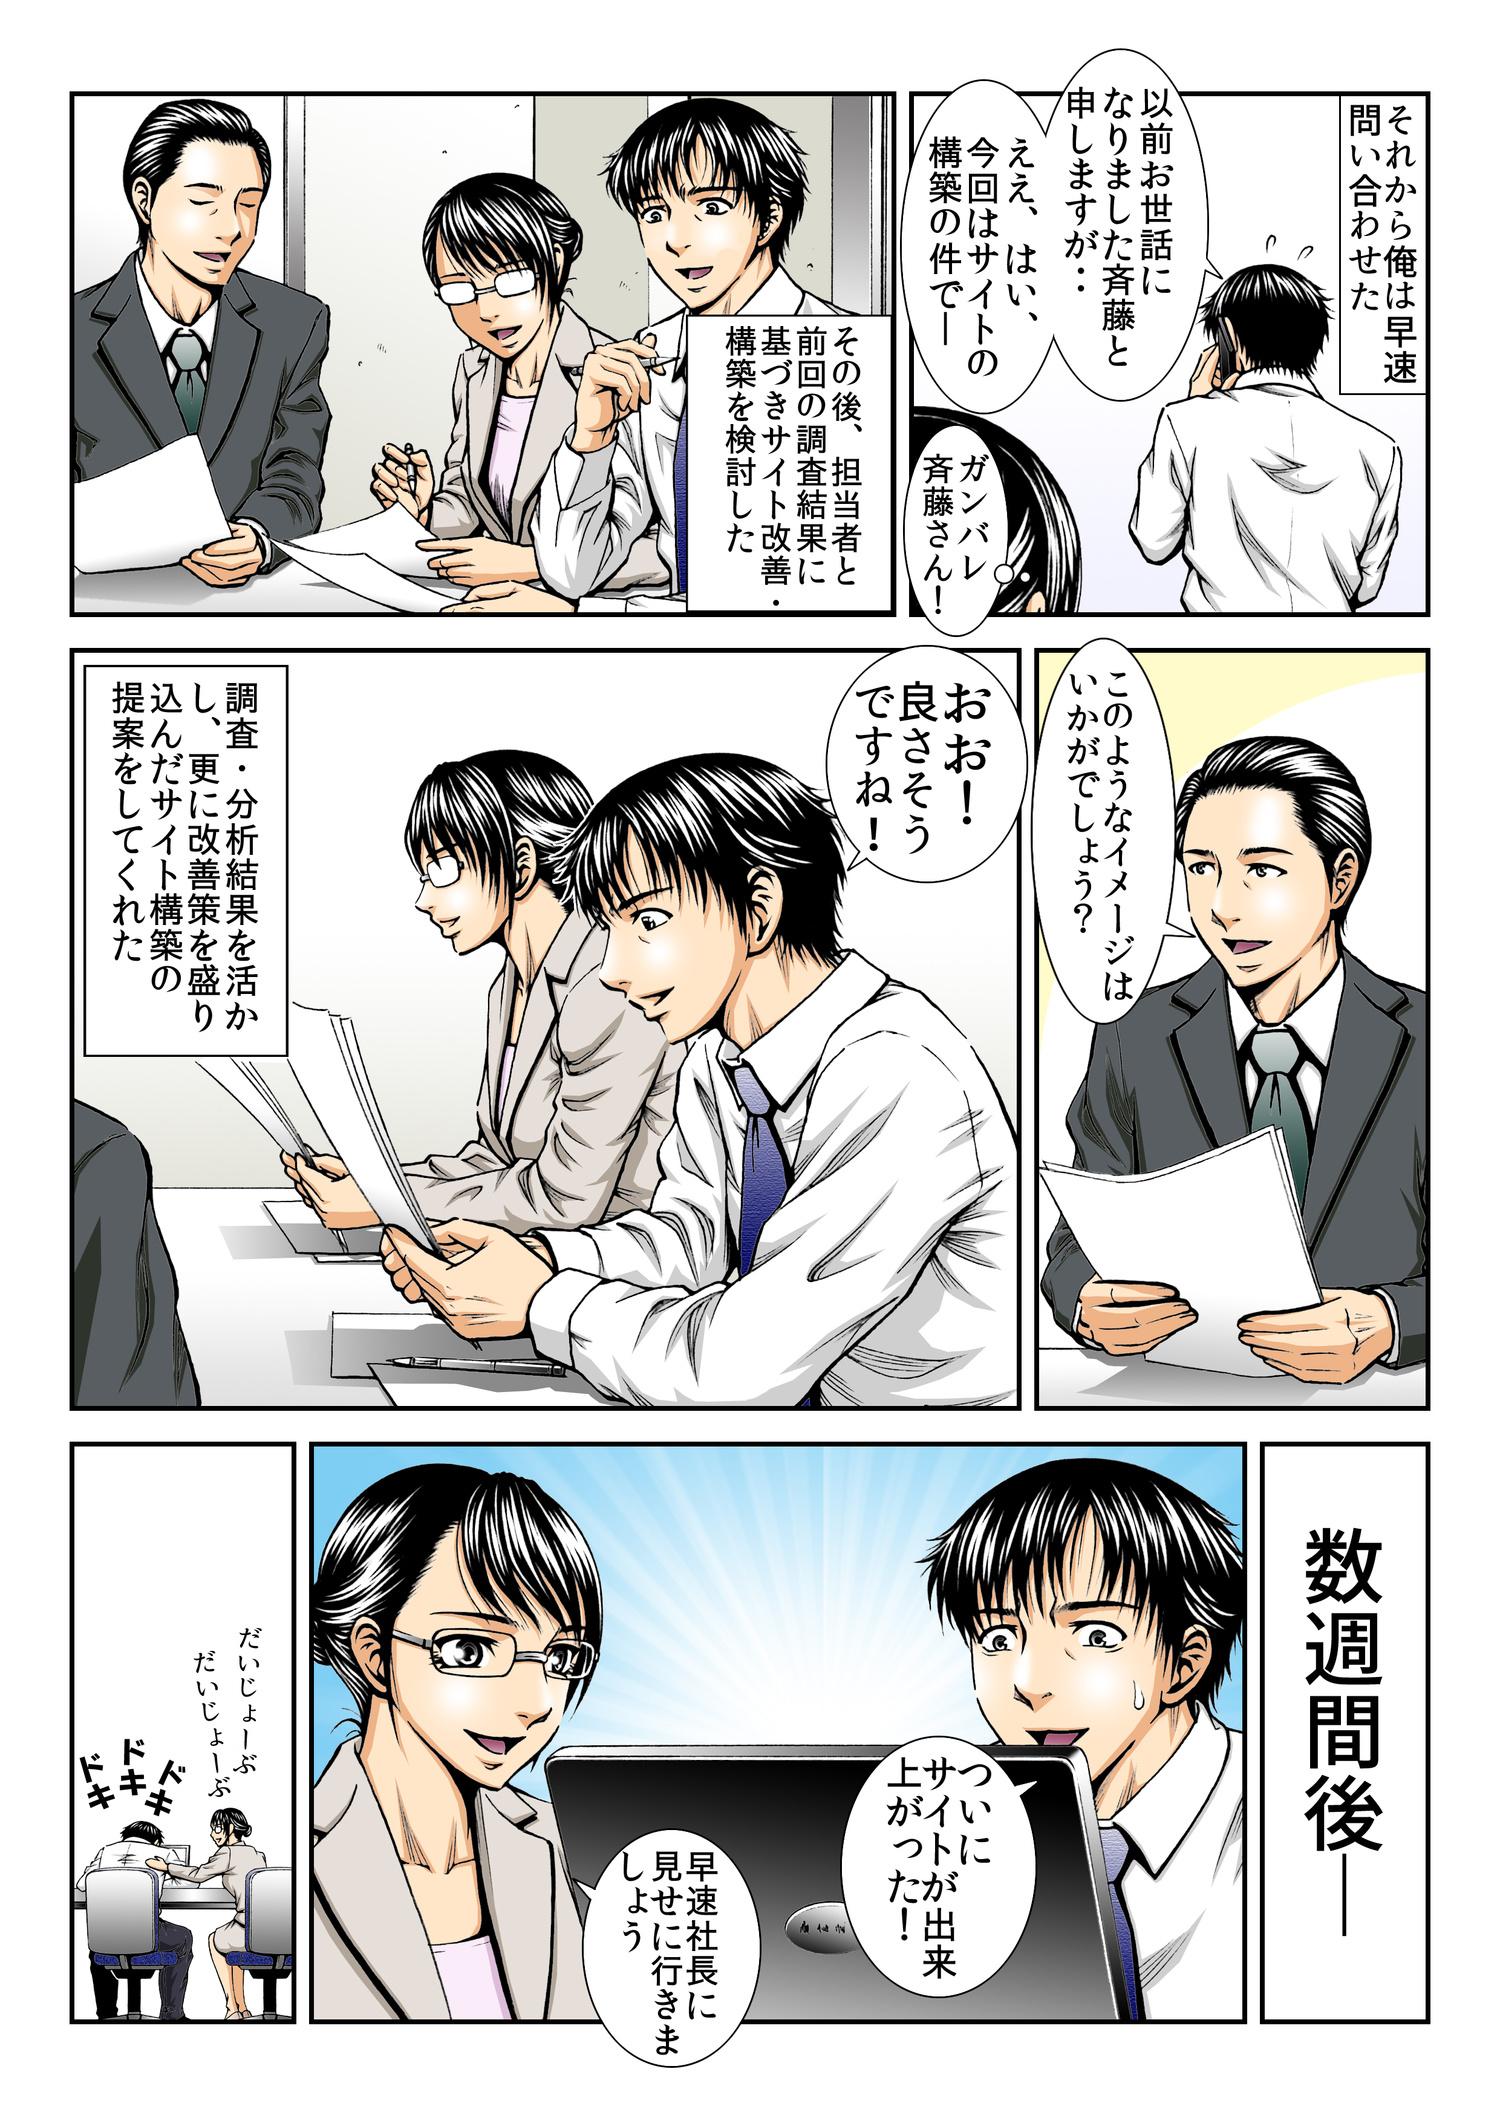 相川さんの説明で納得した斉藤さんは、NTTデータスマートソーシングにサイト改善・構築を依頼することに決めた。